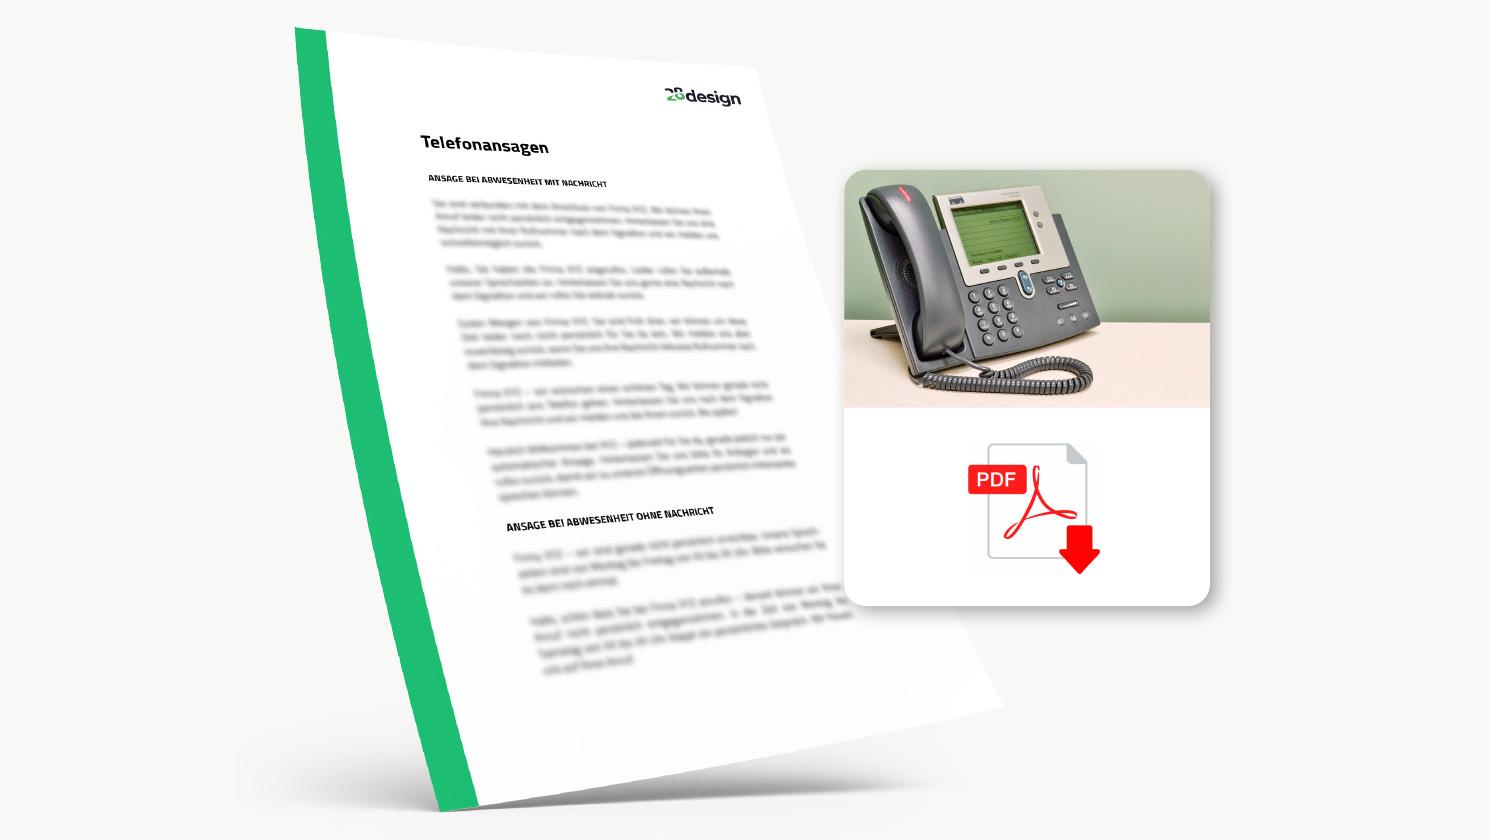 Textvorlagen für Anrufbeantworter & Telefonansagen 🤩